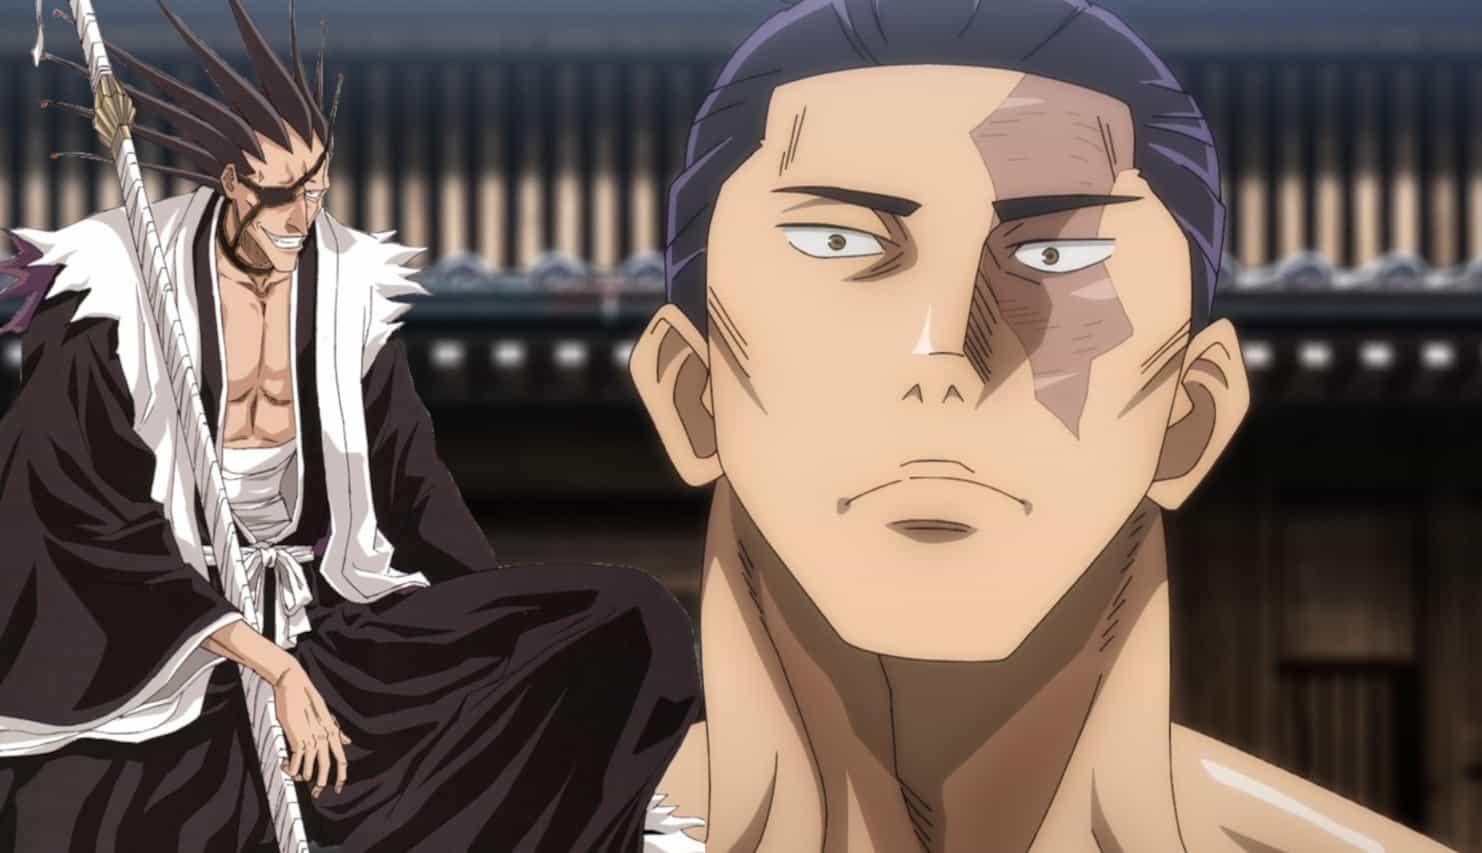 L'auteur de Jujutsu Kaisen a créé deux personnages inspirés par Bleach et Yu Yu Hakusho 1